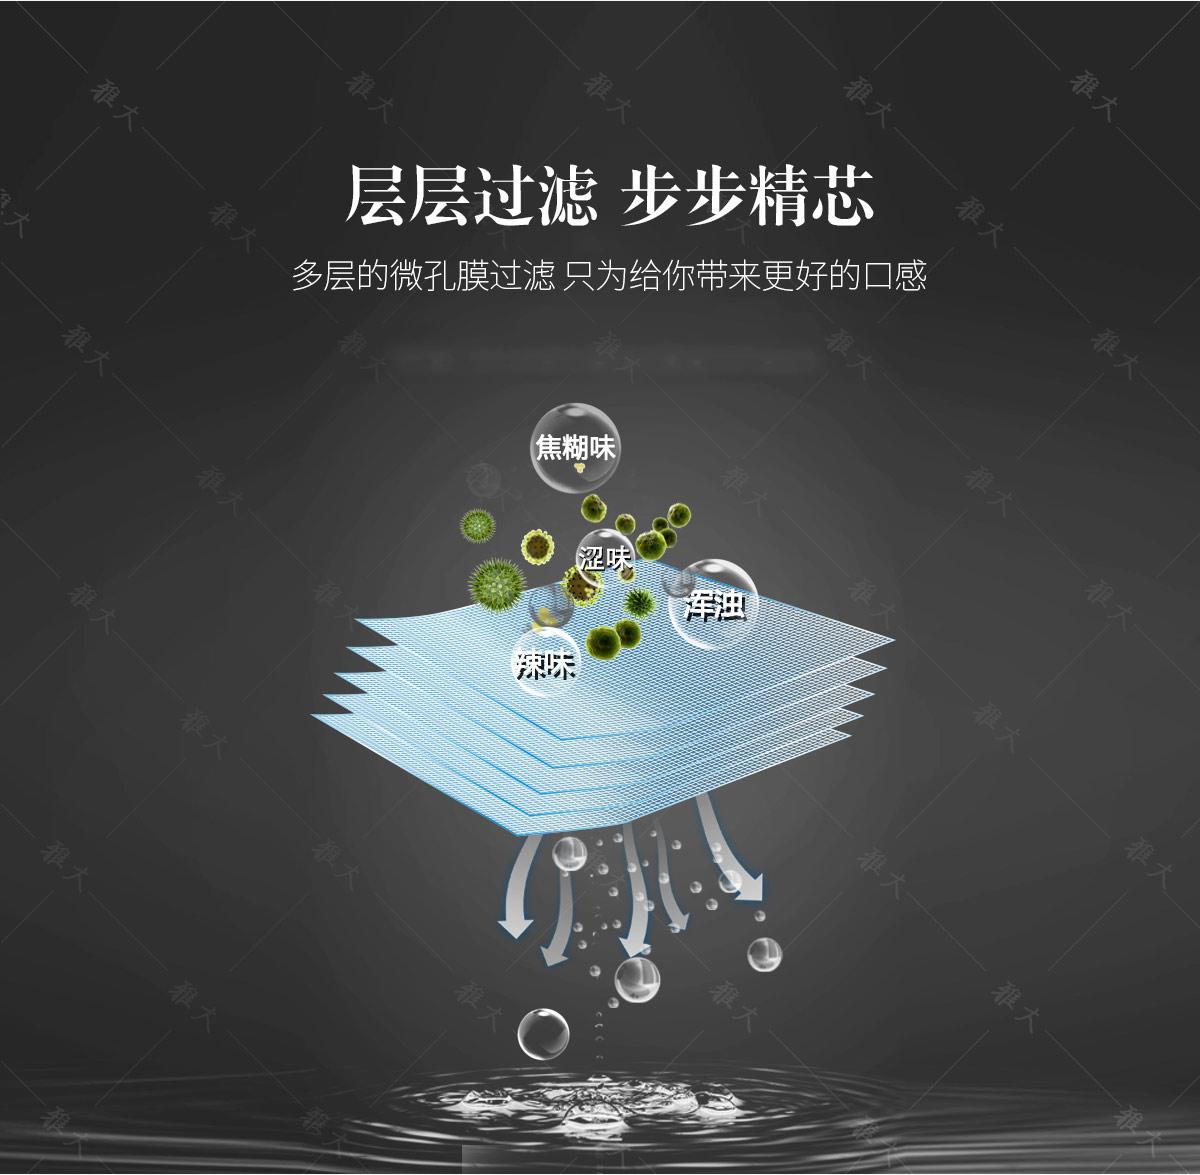 中型催陈机PC_06